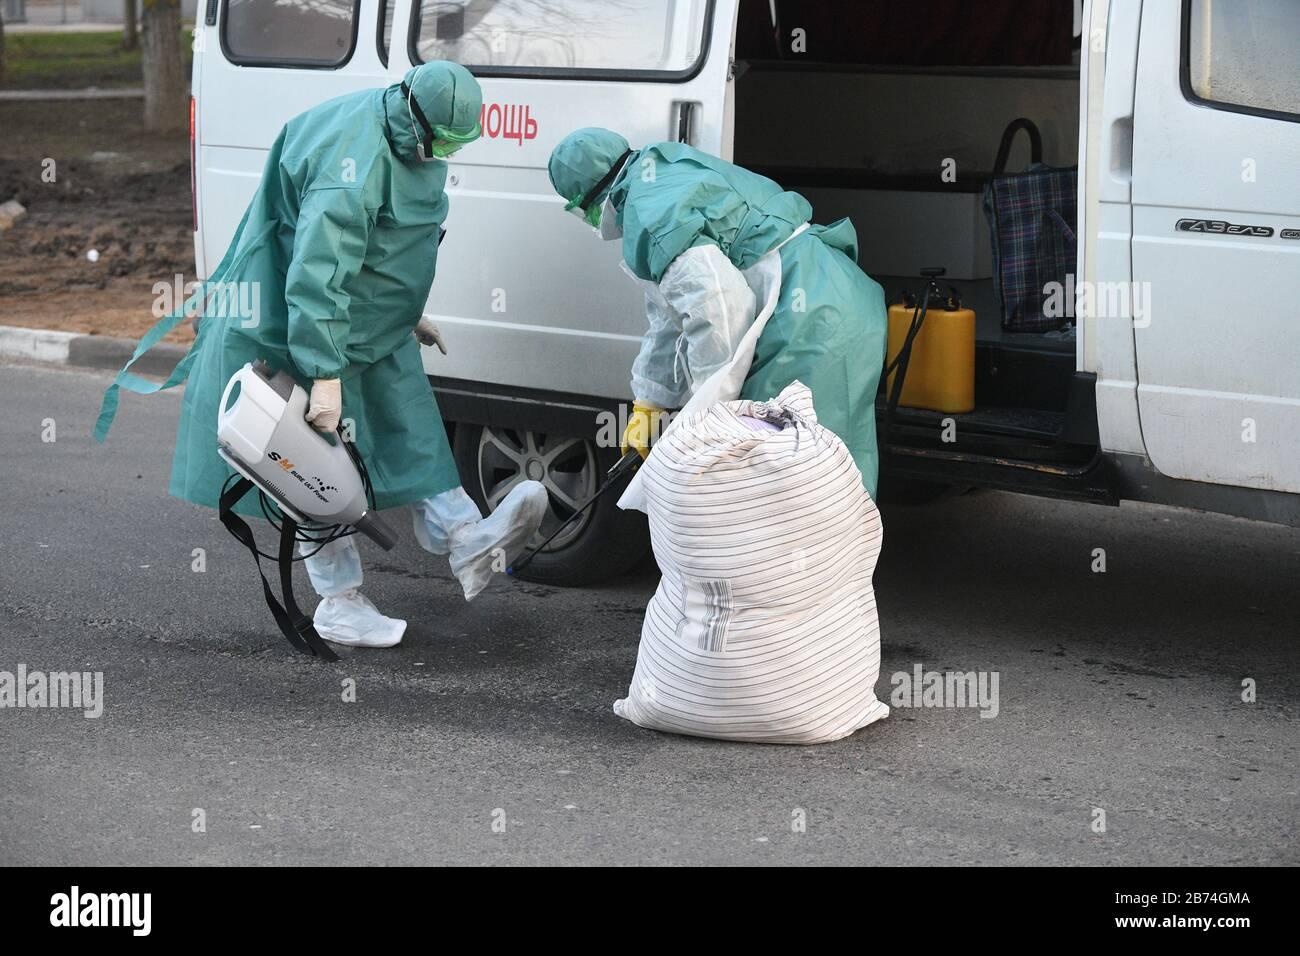 Minsk, Biélorussie. 13 mars 2020. Minsk, BIÉLORUSSIE - 13 MARS 2020: Les travailleurs médicaux en costume de protection à l'extérieur du dortoir no 3 de l'Université d'État biélorusse; un étudiant qui s'est rendu en Italie, et ces 91 personnes en contact avec lui, ont été mis en quarantaine. Mikhaïl Semyonov/TASS crédit: ITAR-TASS News Agency/Alay Live News Banque D'Images